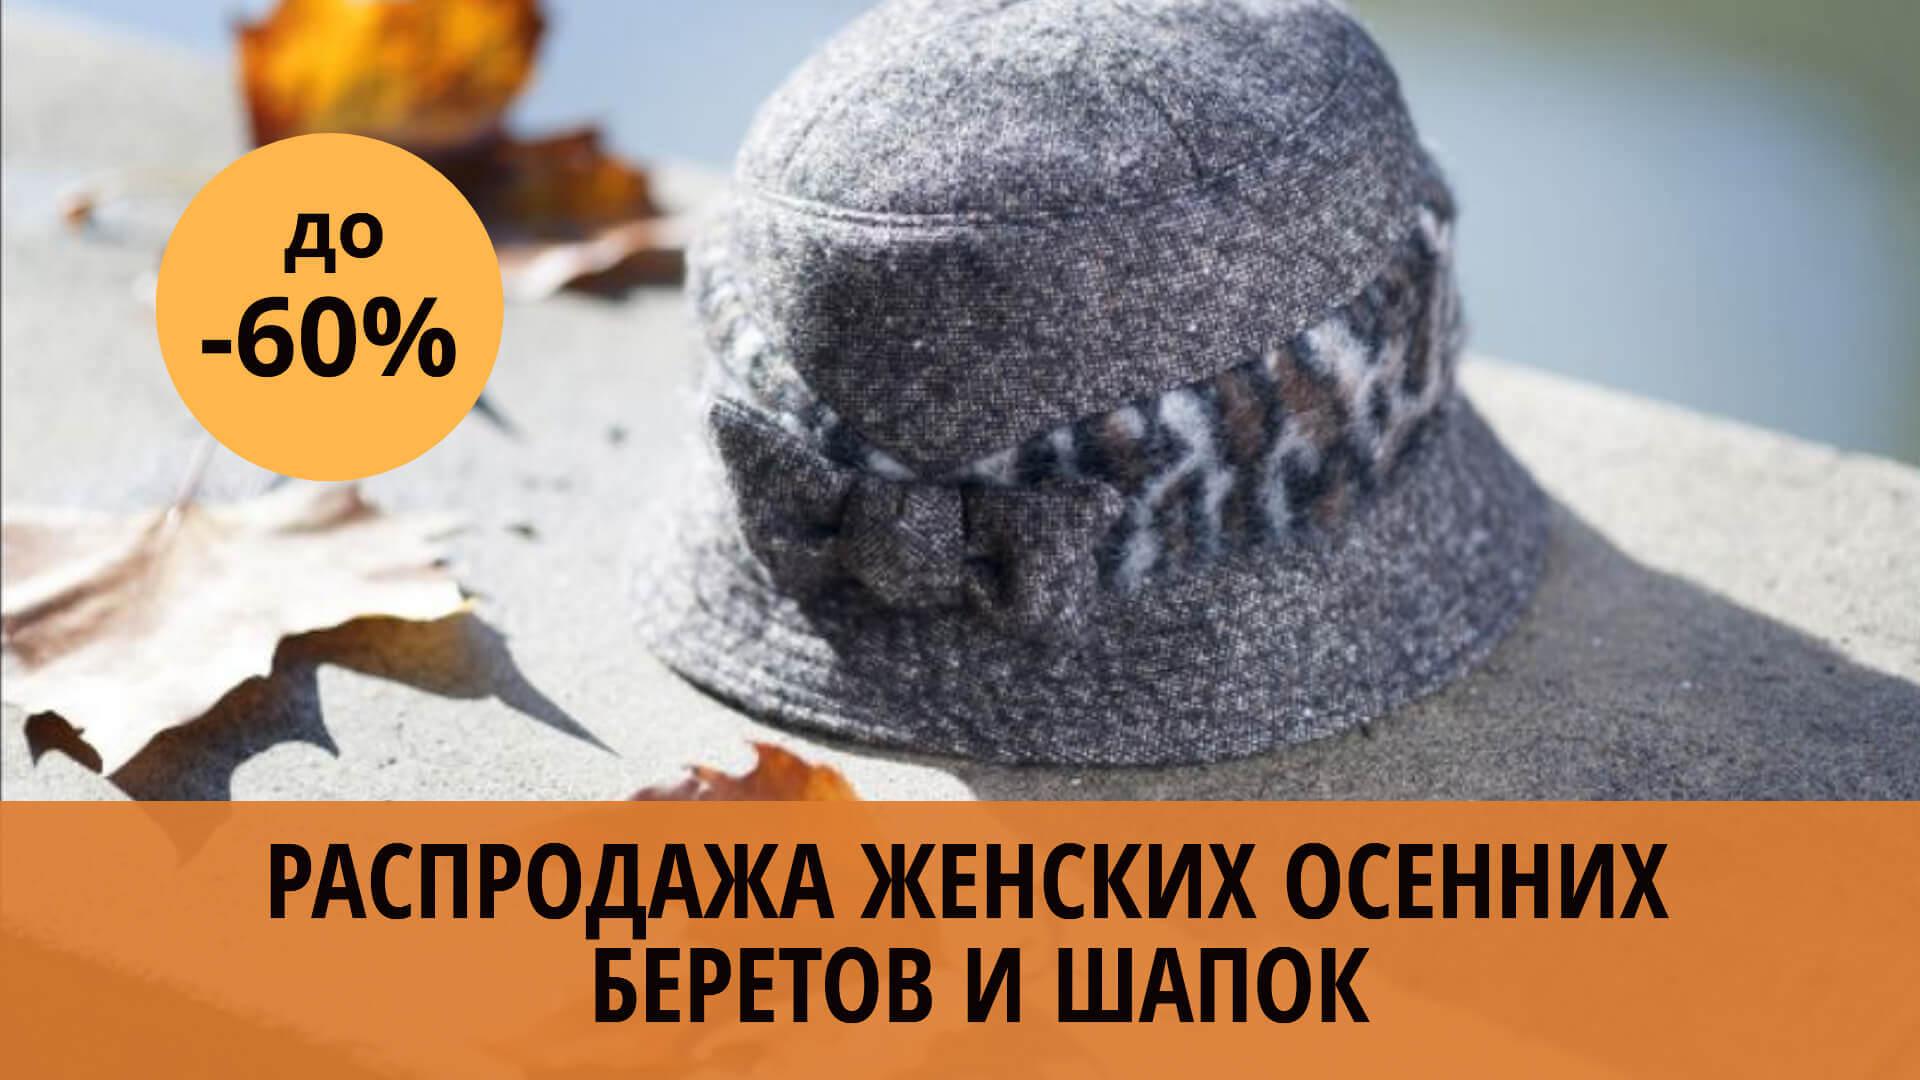 Распродажа женских беретов и шапок